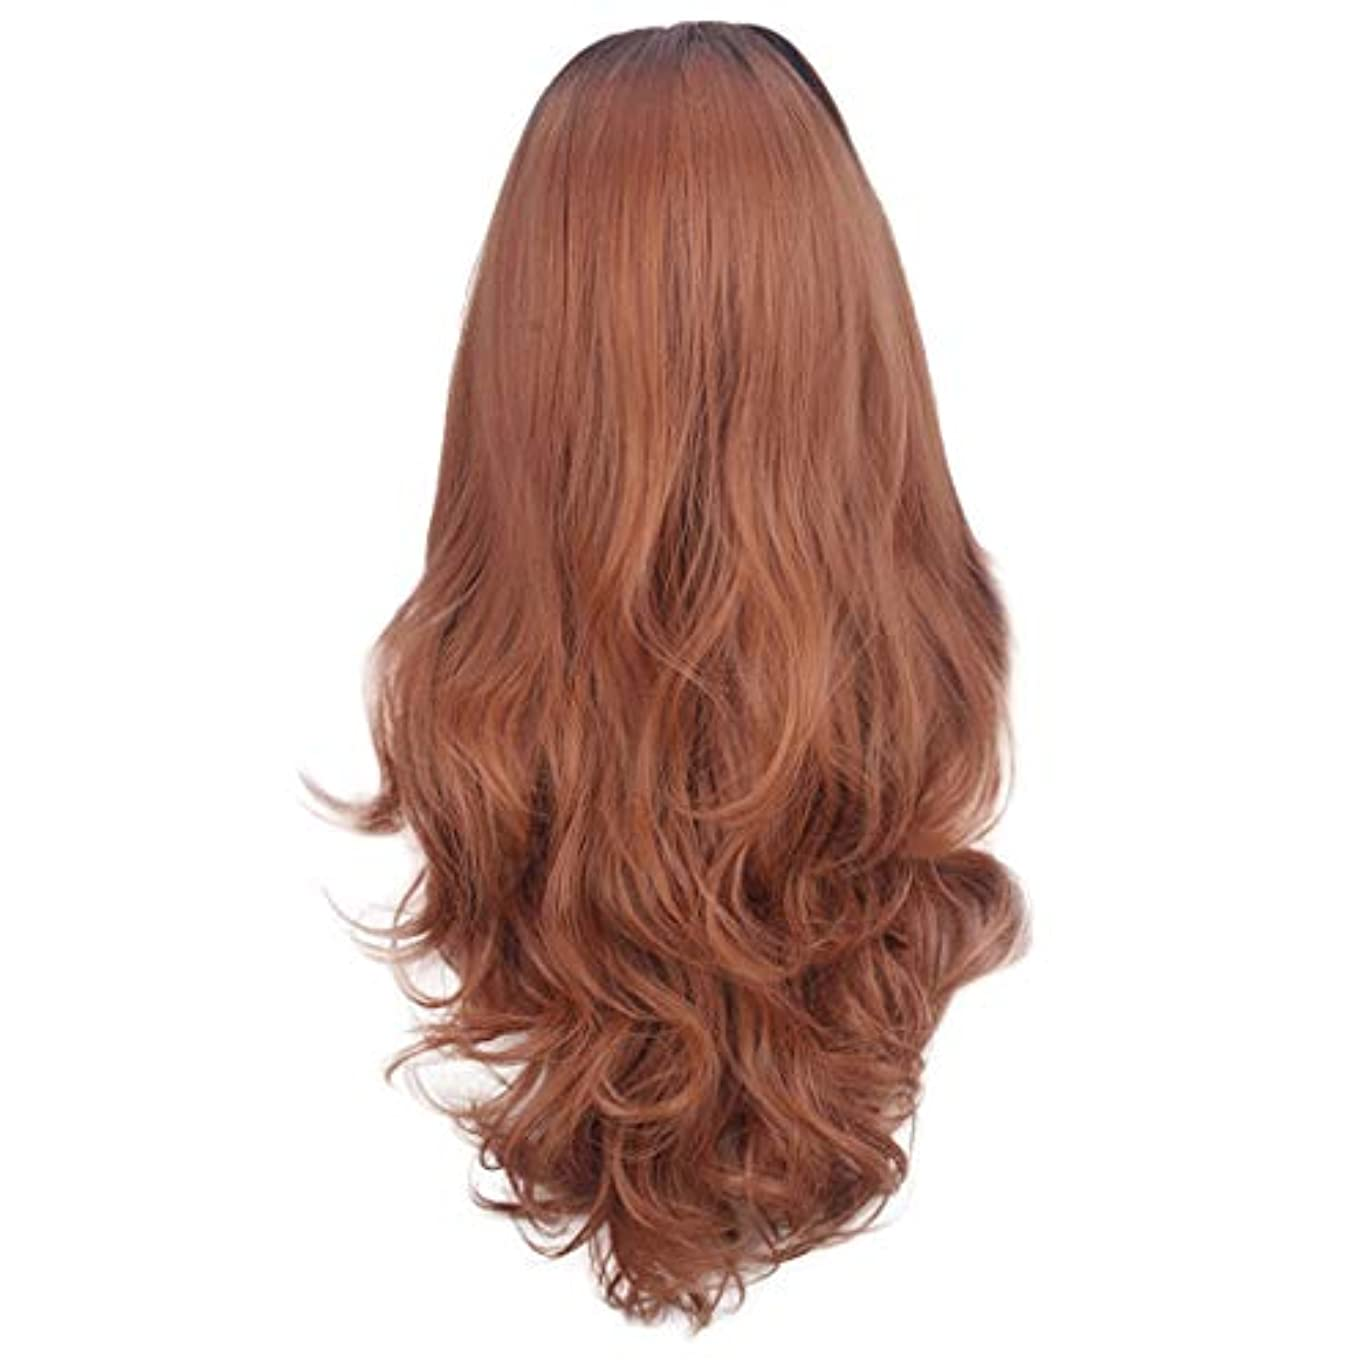 呼ぶカルシウムキャンペーン茶色の女性のかつらの長い巻き毛のフロントレースかつら80CM